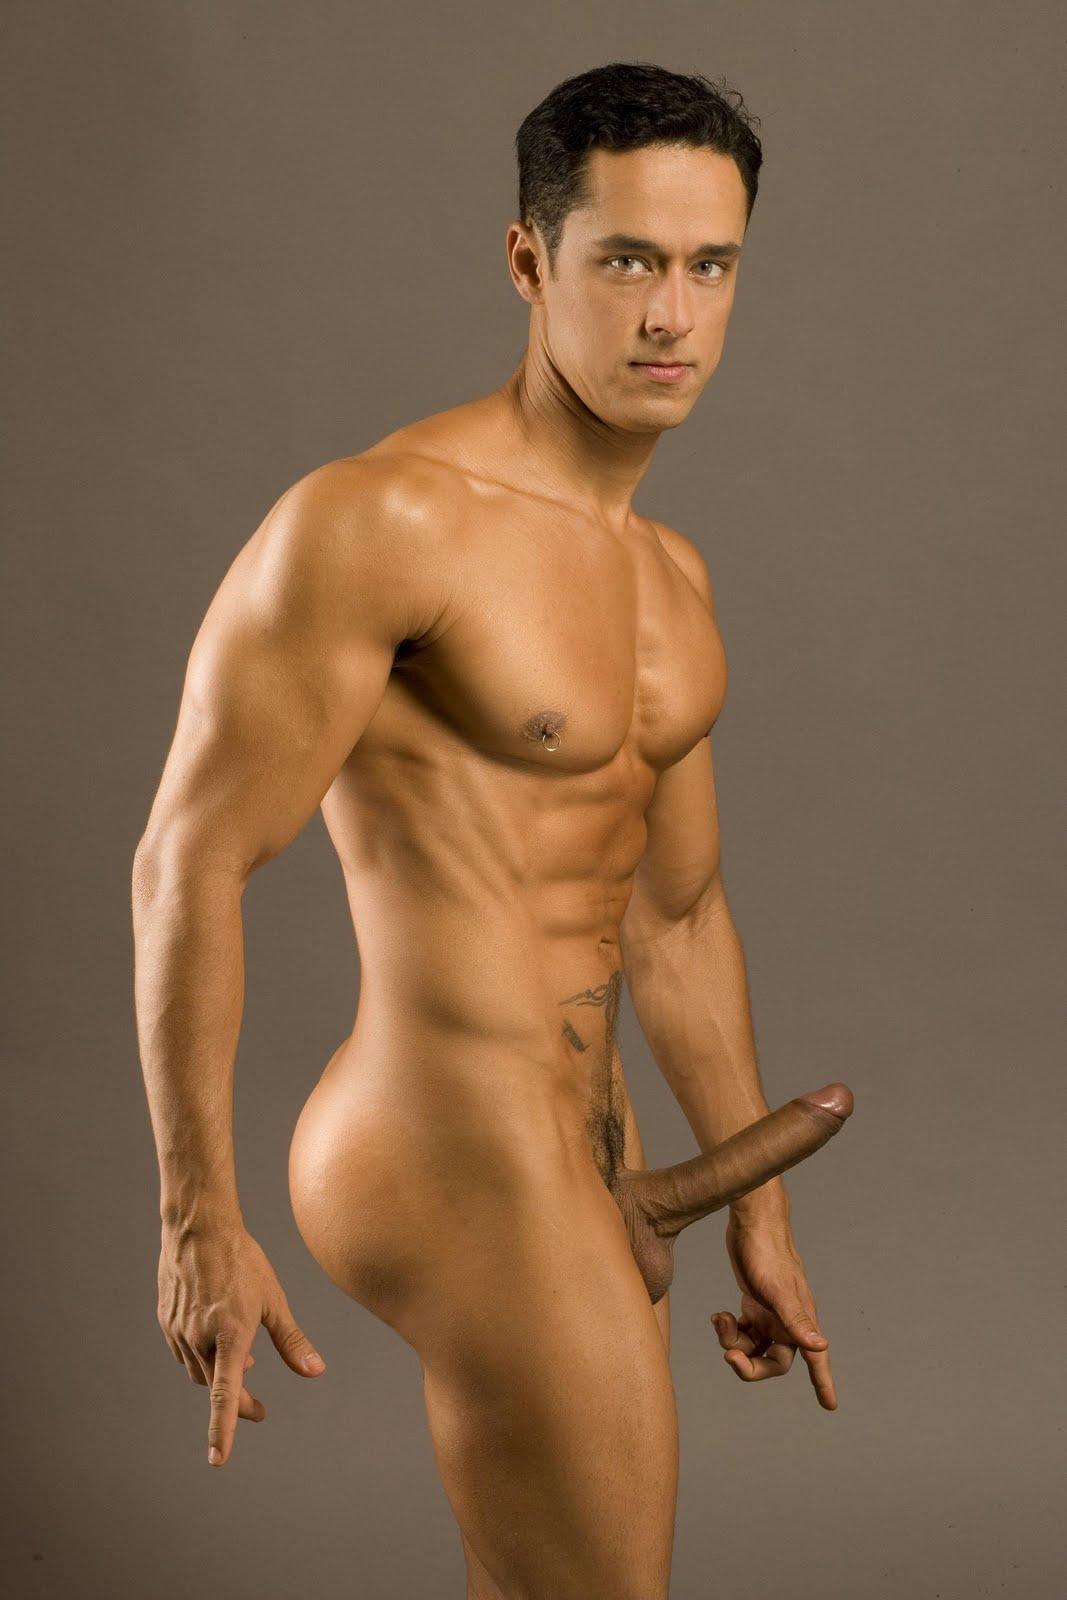 Eliad cohen porno gay desnudo